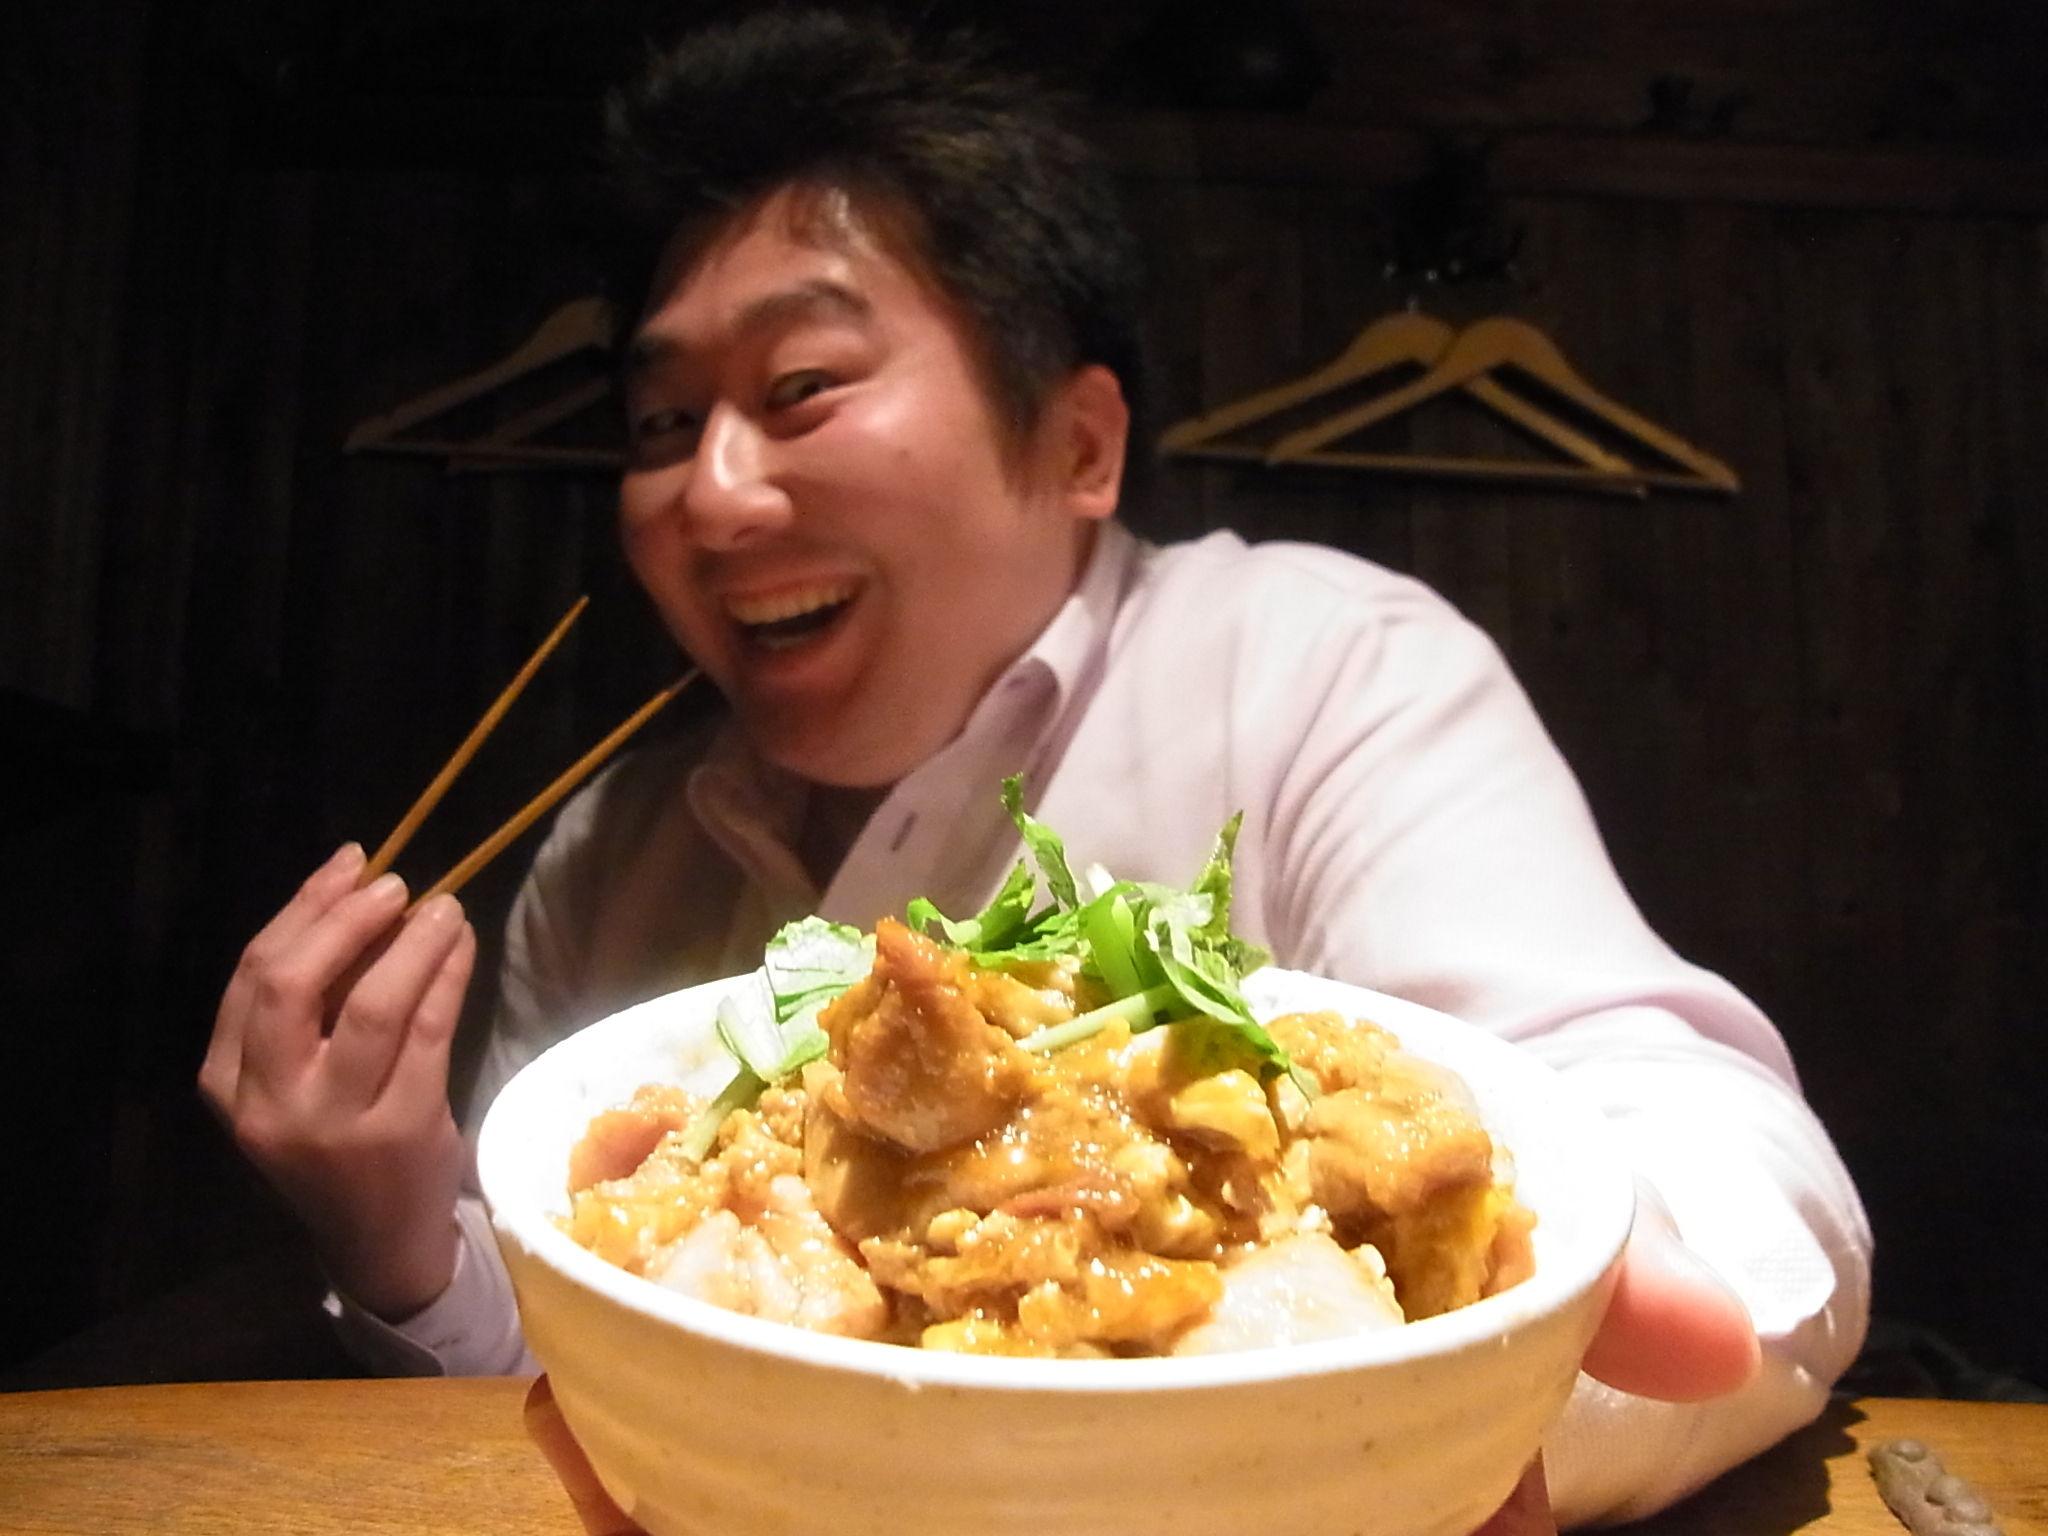 フォーリンデブはっしー  公式ブログ        「江戸肉割烹 ささや」(築地・新富町/肉料理)コメント一覧